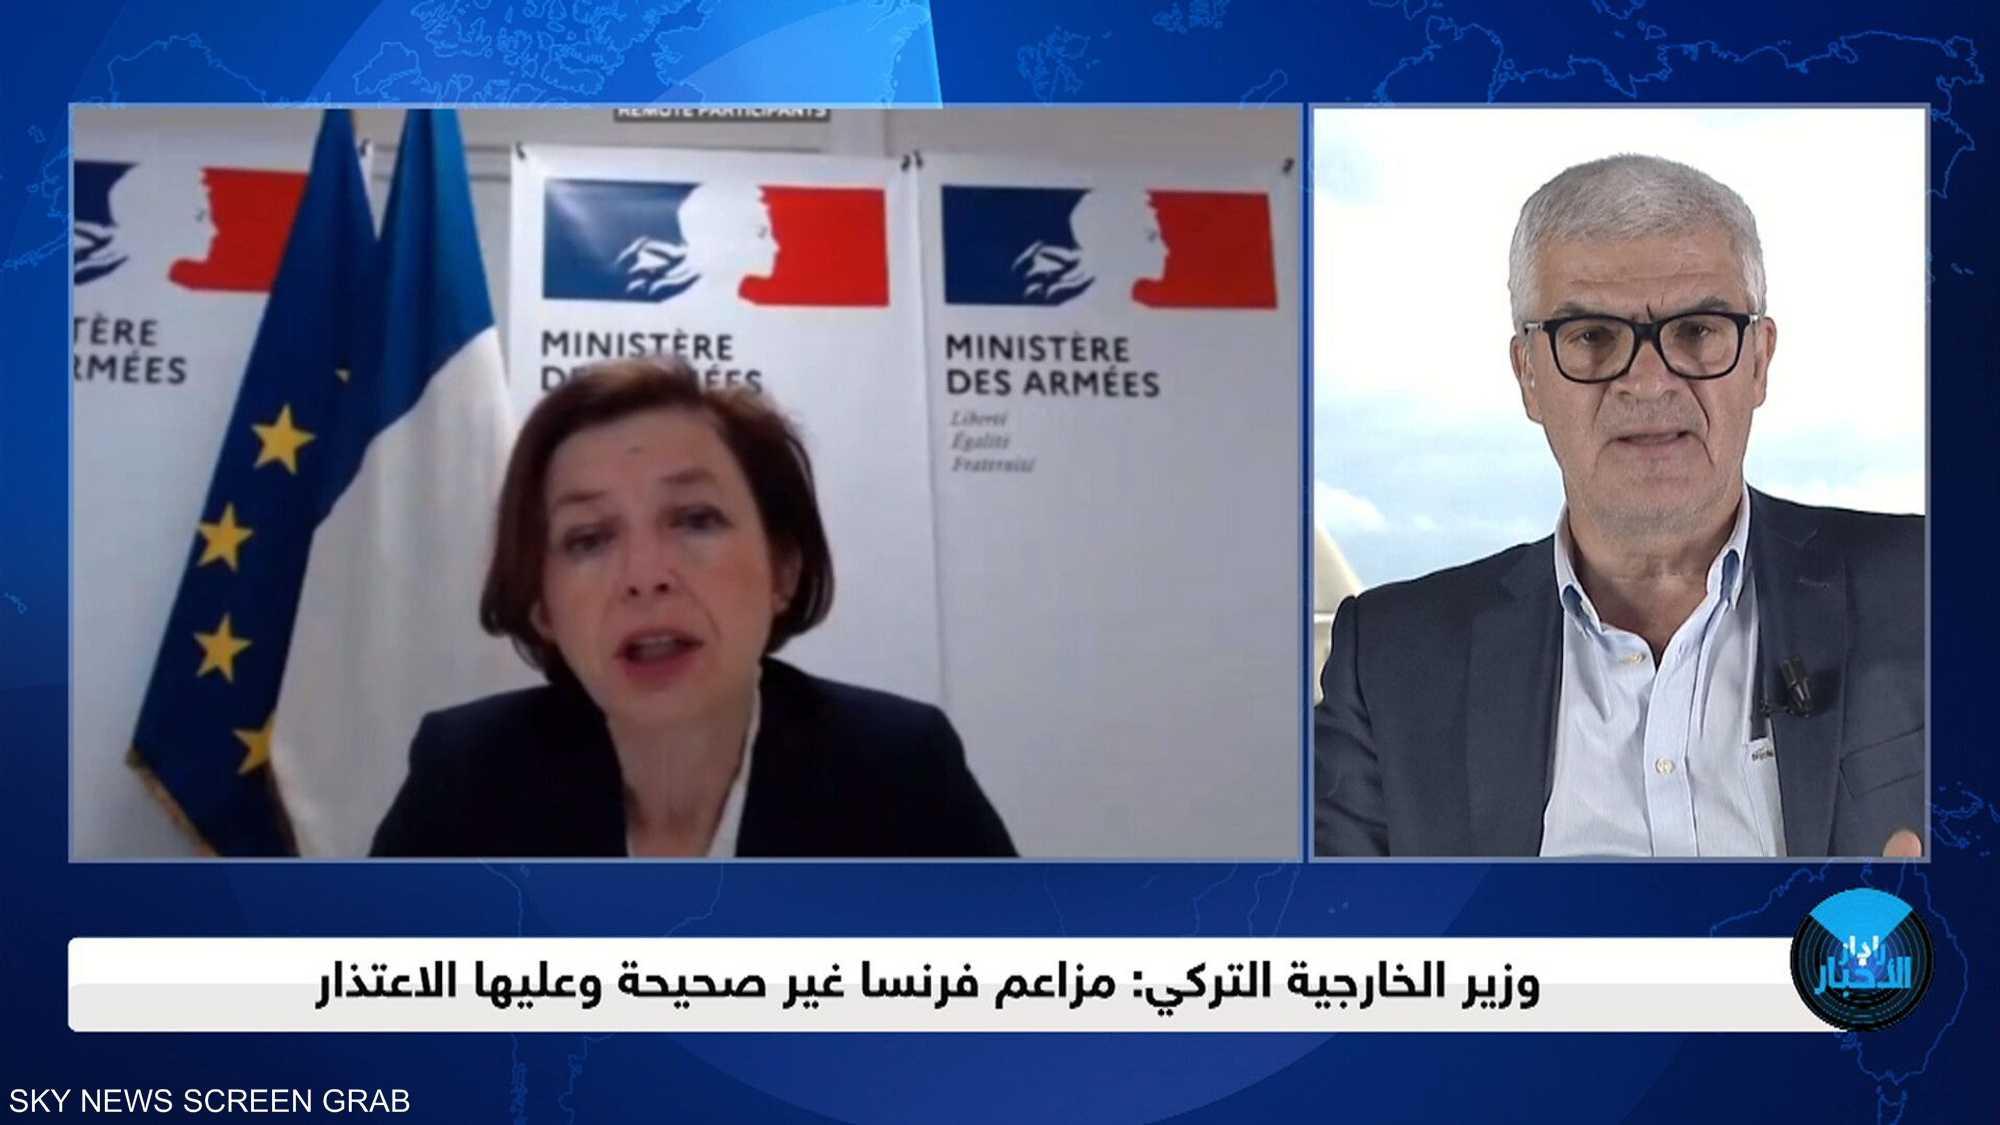 باريس.. 4 شروط للعدول عن قرار تعليق المشاركة في مهمة الناتو